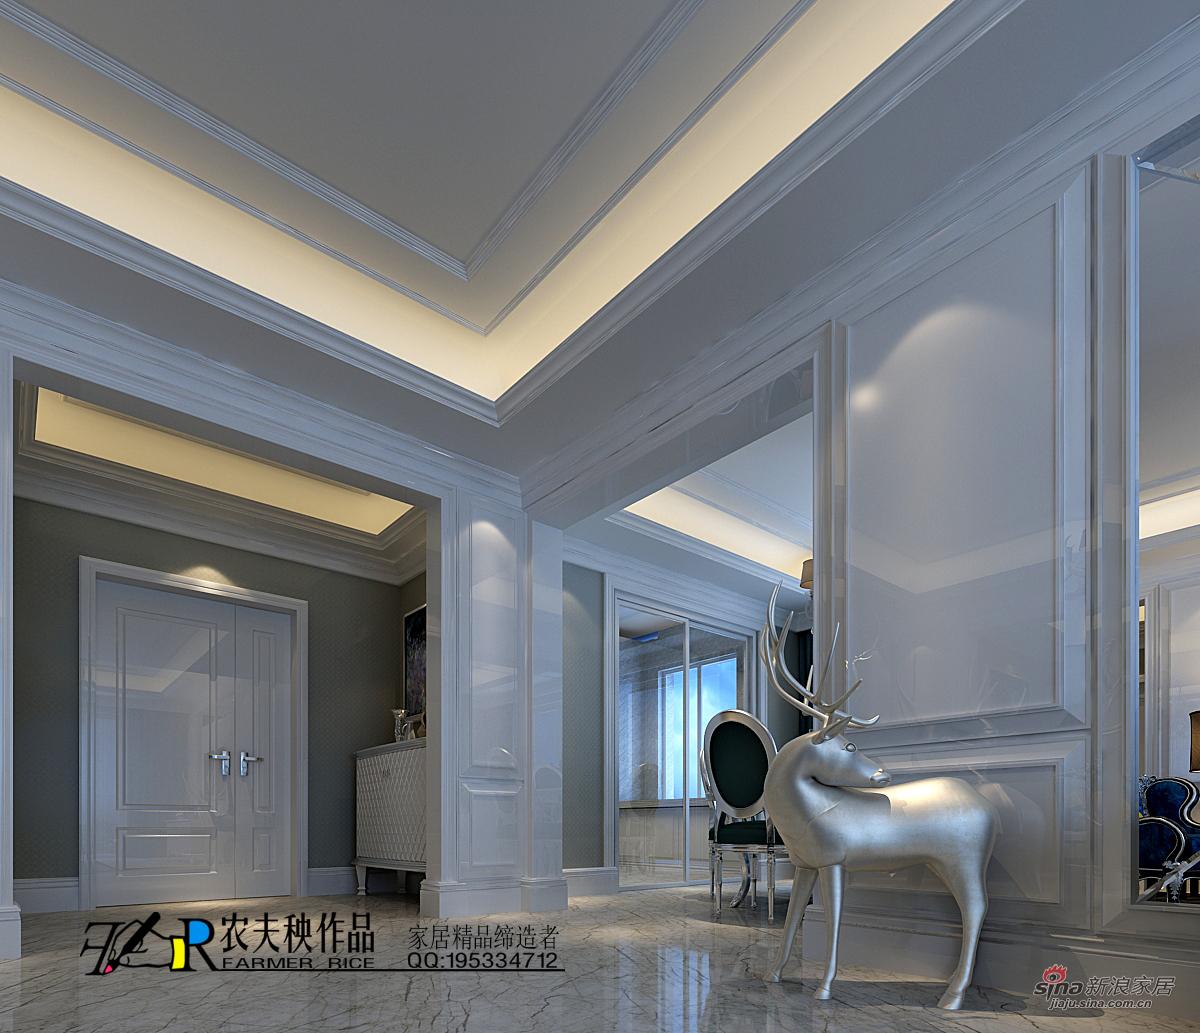 欧式 三居 客厅图片来自用户2772873991在155平米简约欧式390的分享